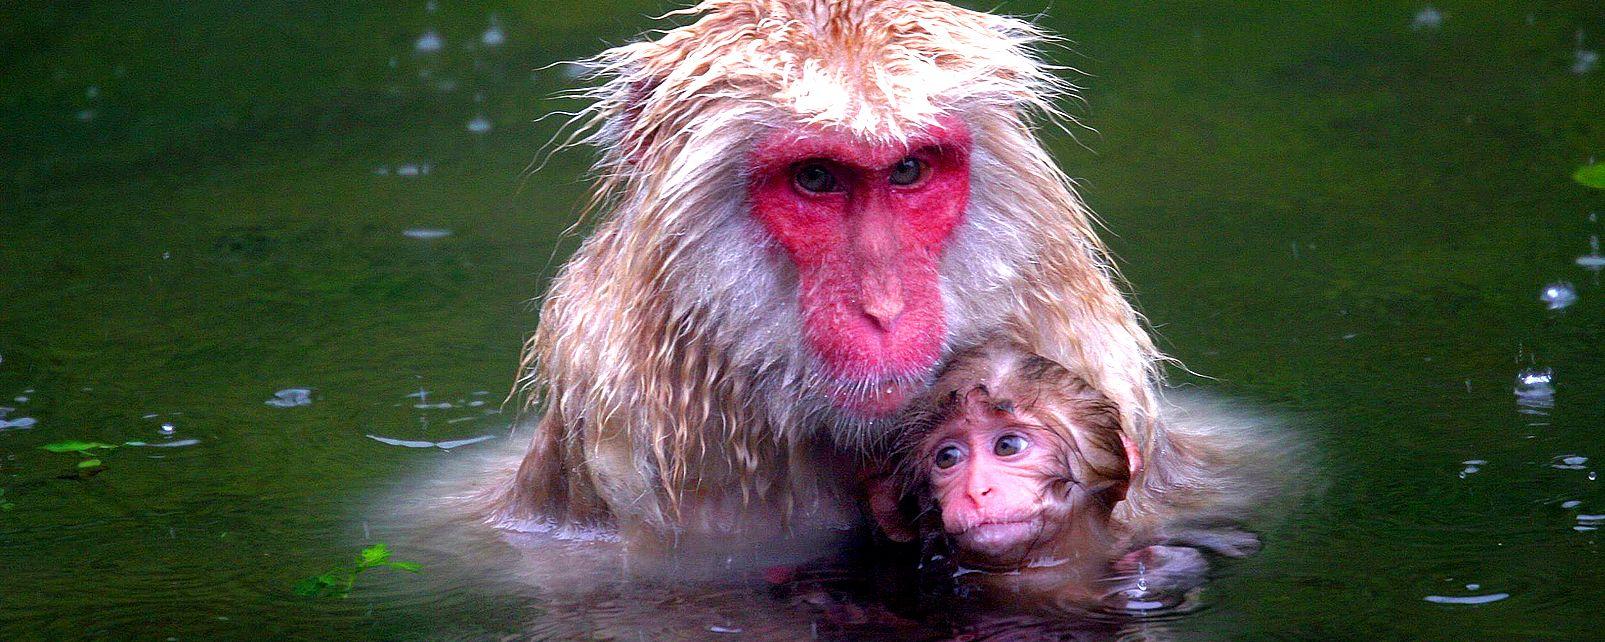 Macaques des sources chaudes de Jigokudani, La faune, La faune et la flore, Japon